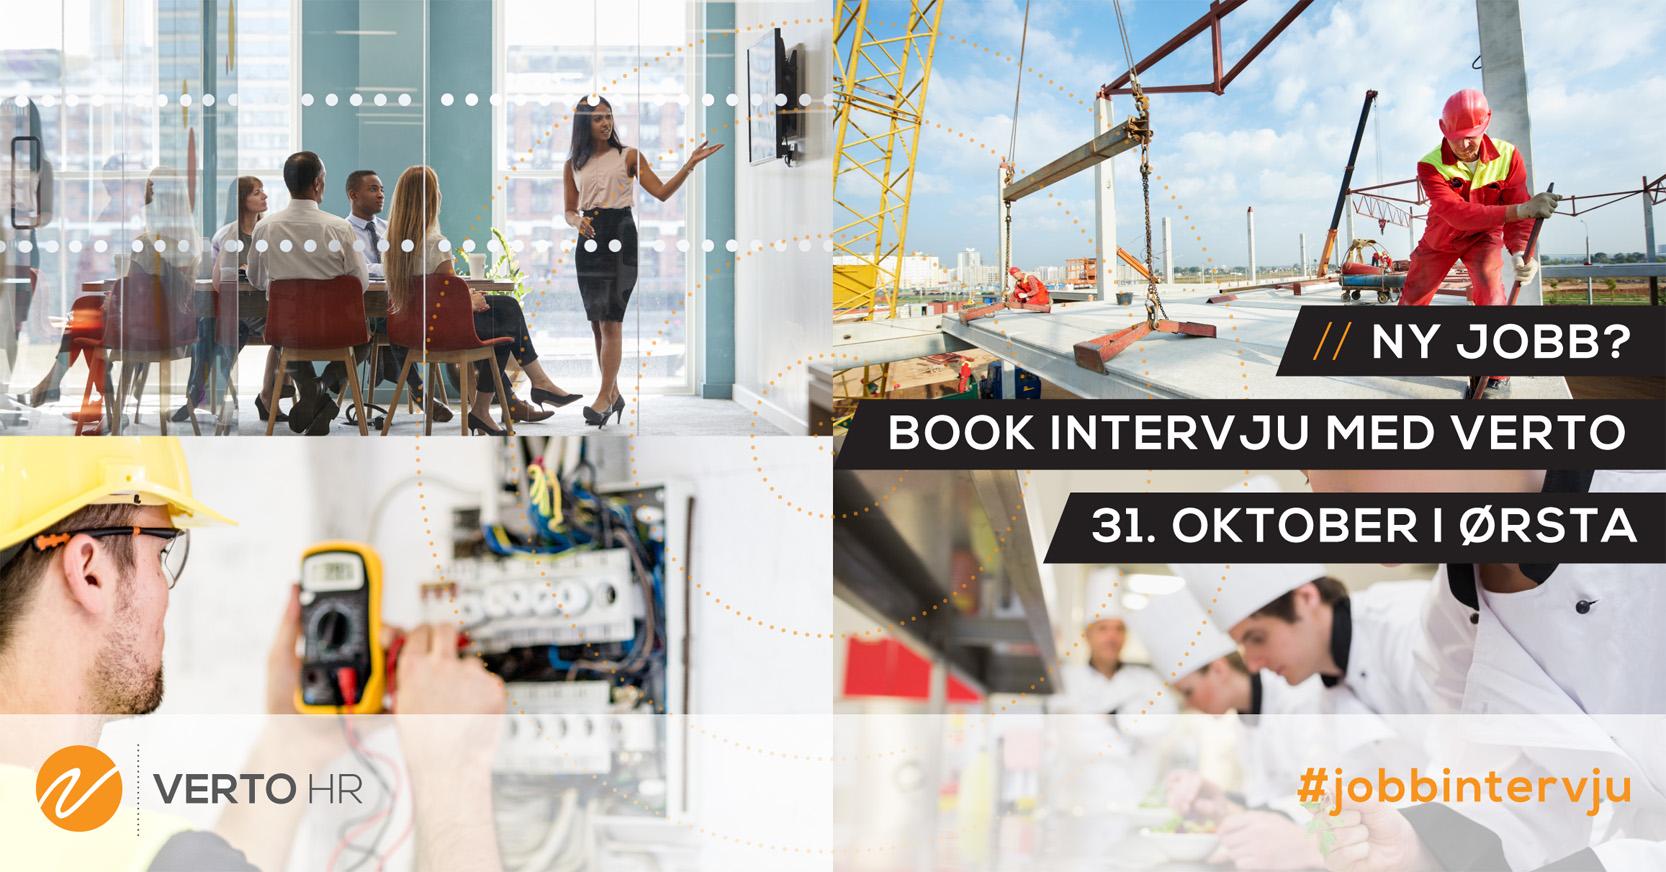 Book intervju med Verto i Ørsta